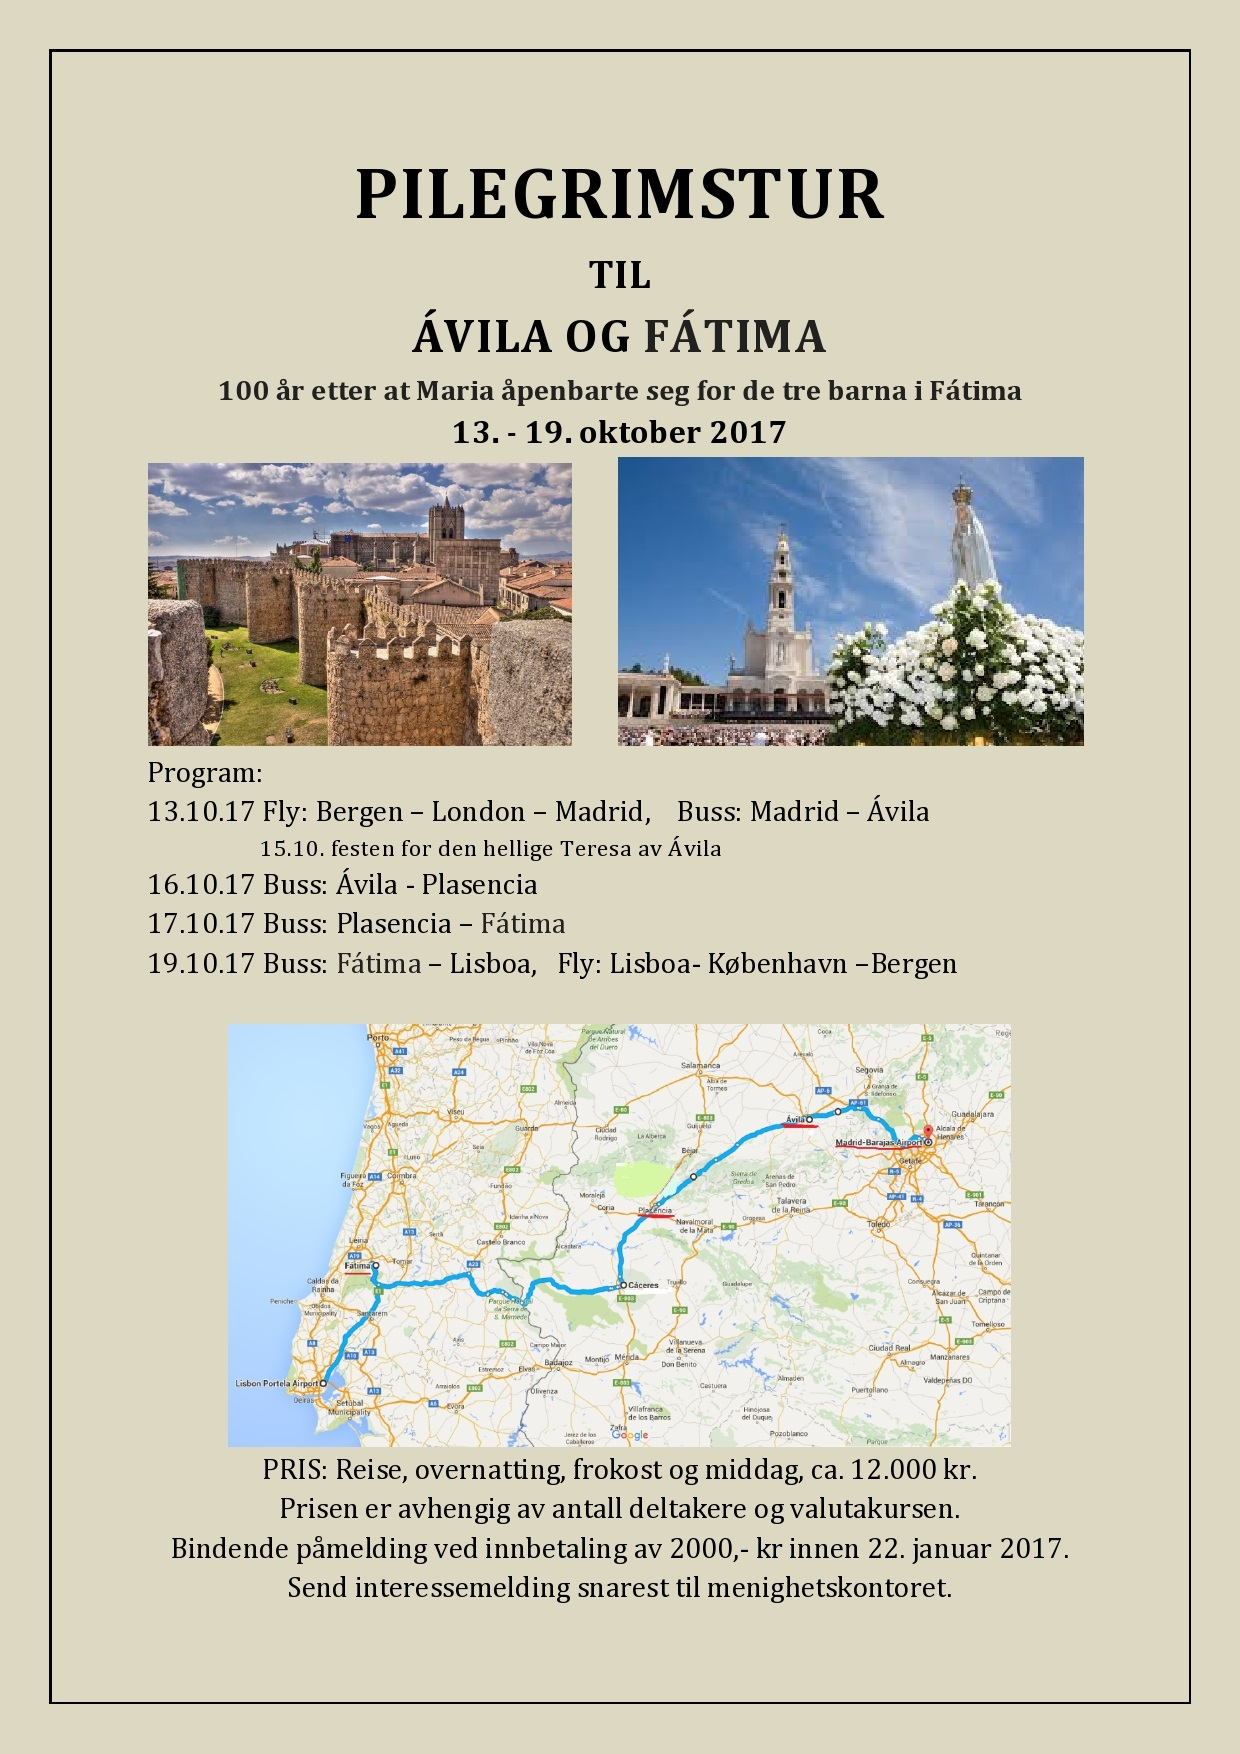 PILEGRIMSTURplakat -page0001